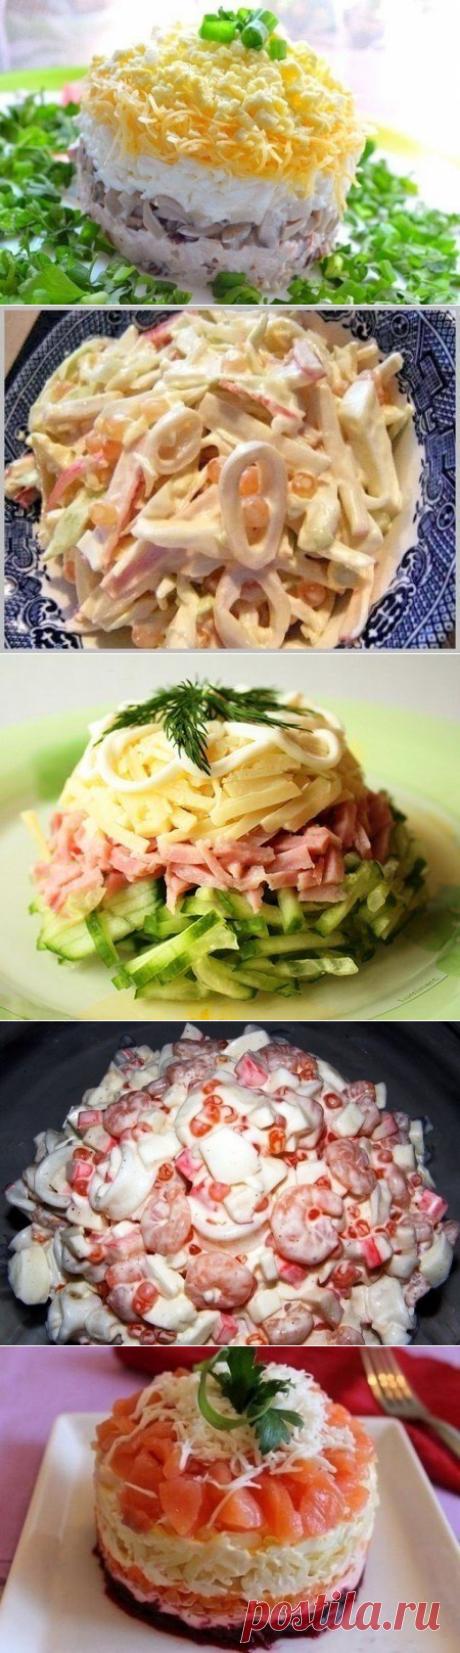 5 простых и вкусных салатов   =Салат «День и ночь» =Салат из кальмаров =Салат с яйцом и ветчиной =Салат «Нептун» =Сёмга на шубе